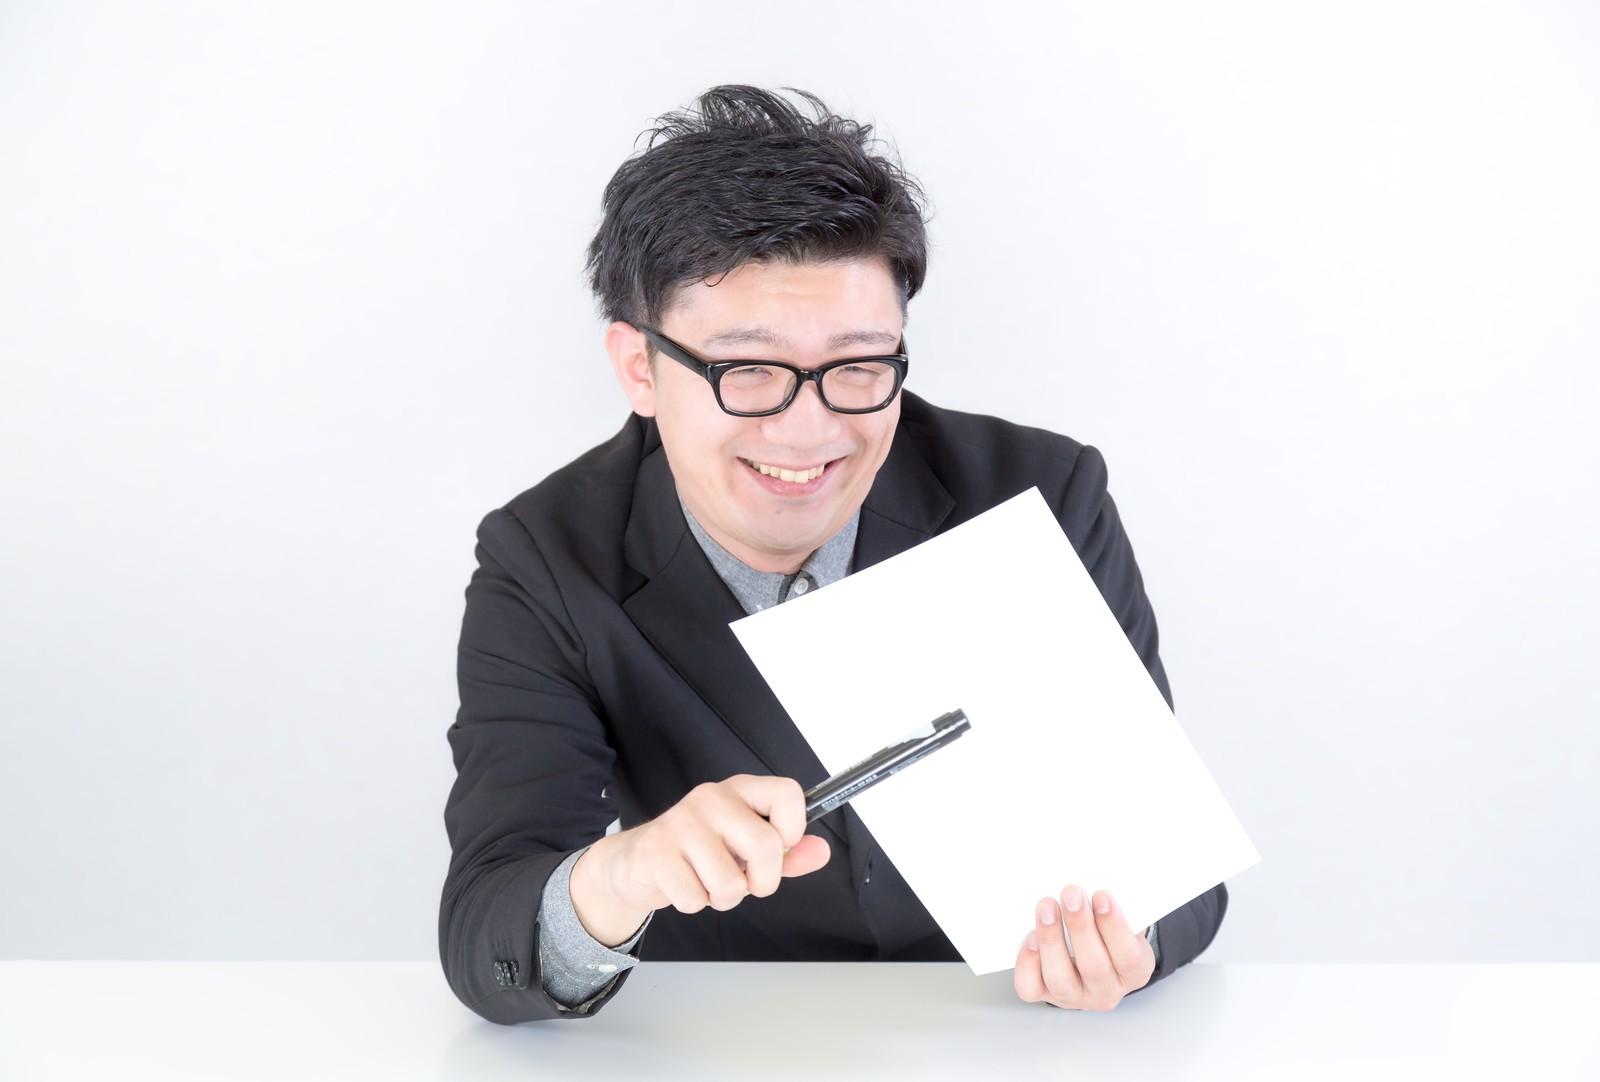 転職における筆記試験対策!筆記試験が苦手な人必見!